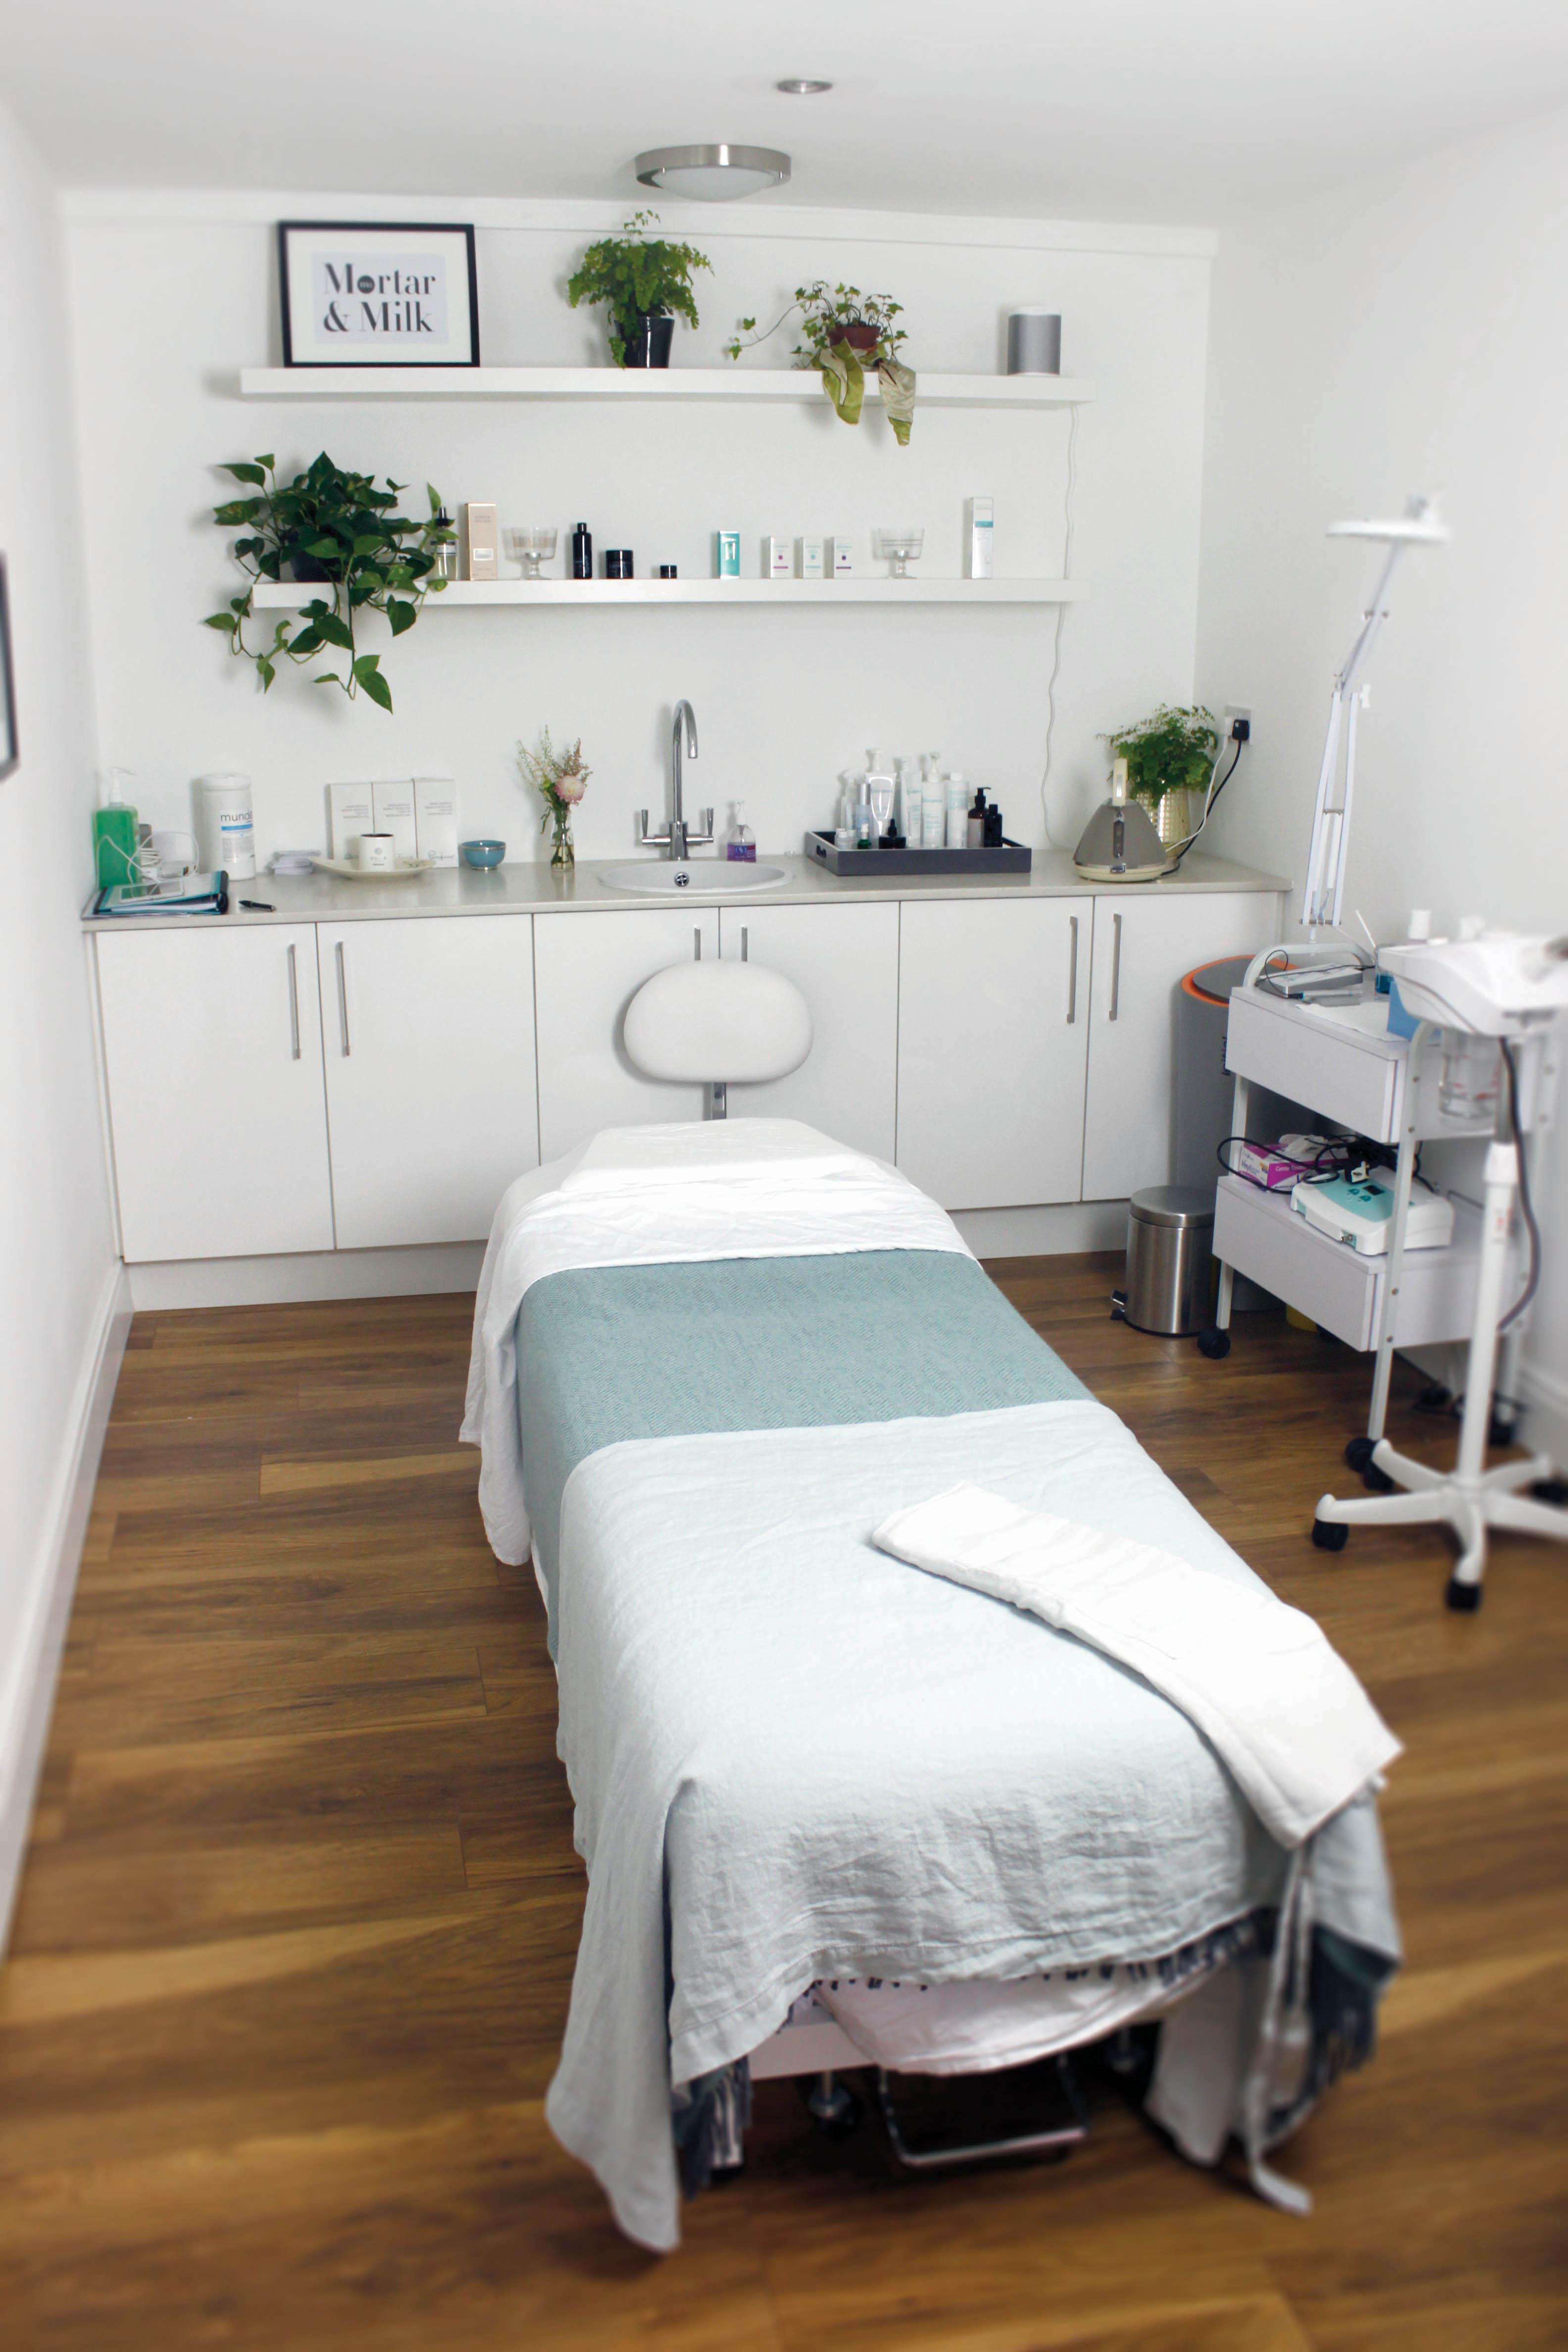 mortar_milk_treatment_room